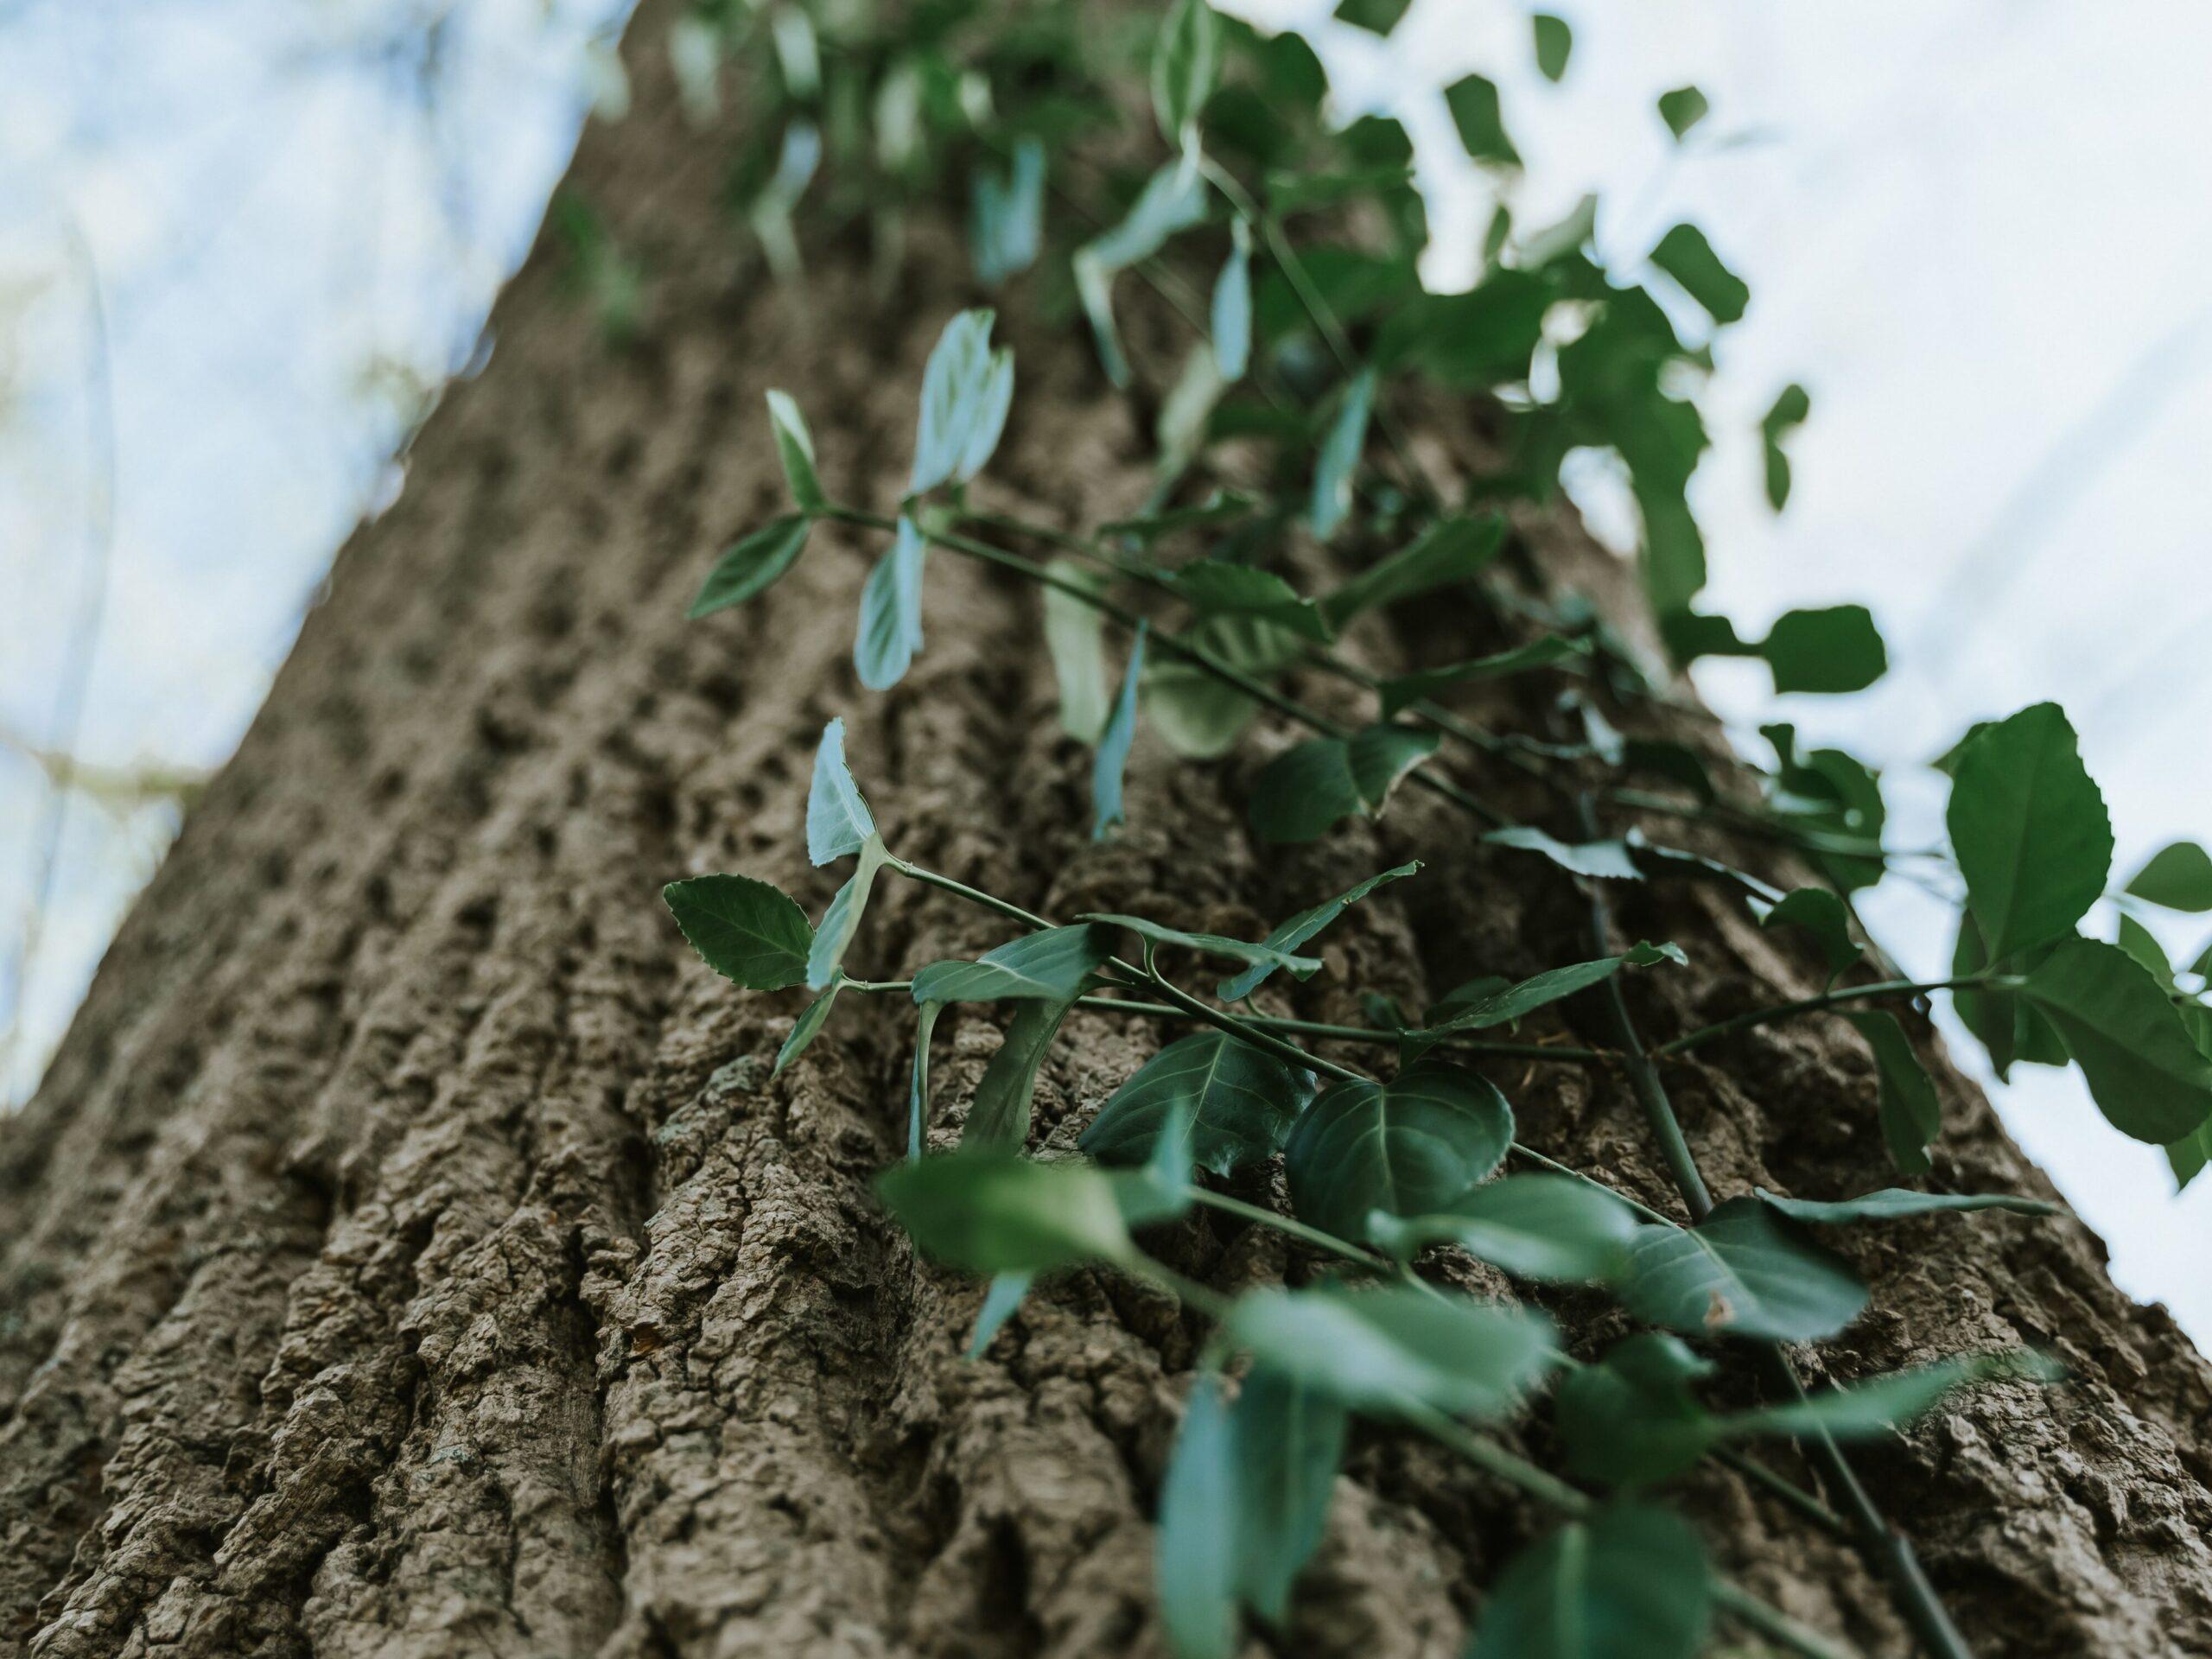 Maryland Native Trees, Cabin John Regional Park